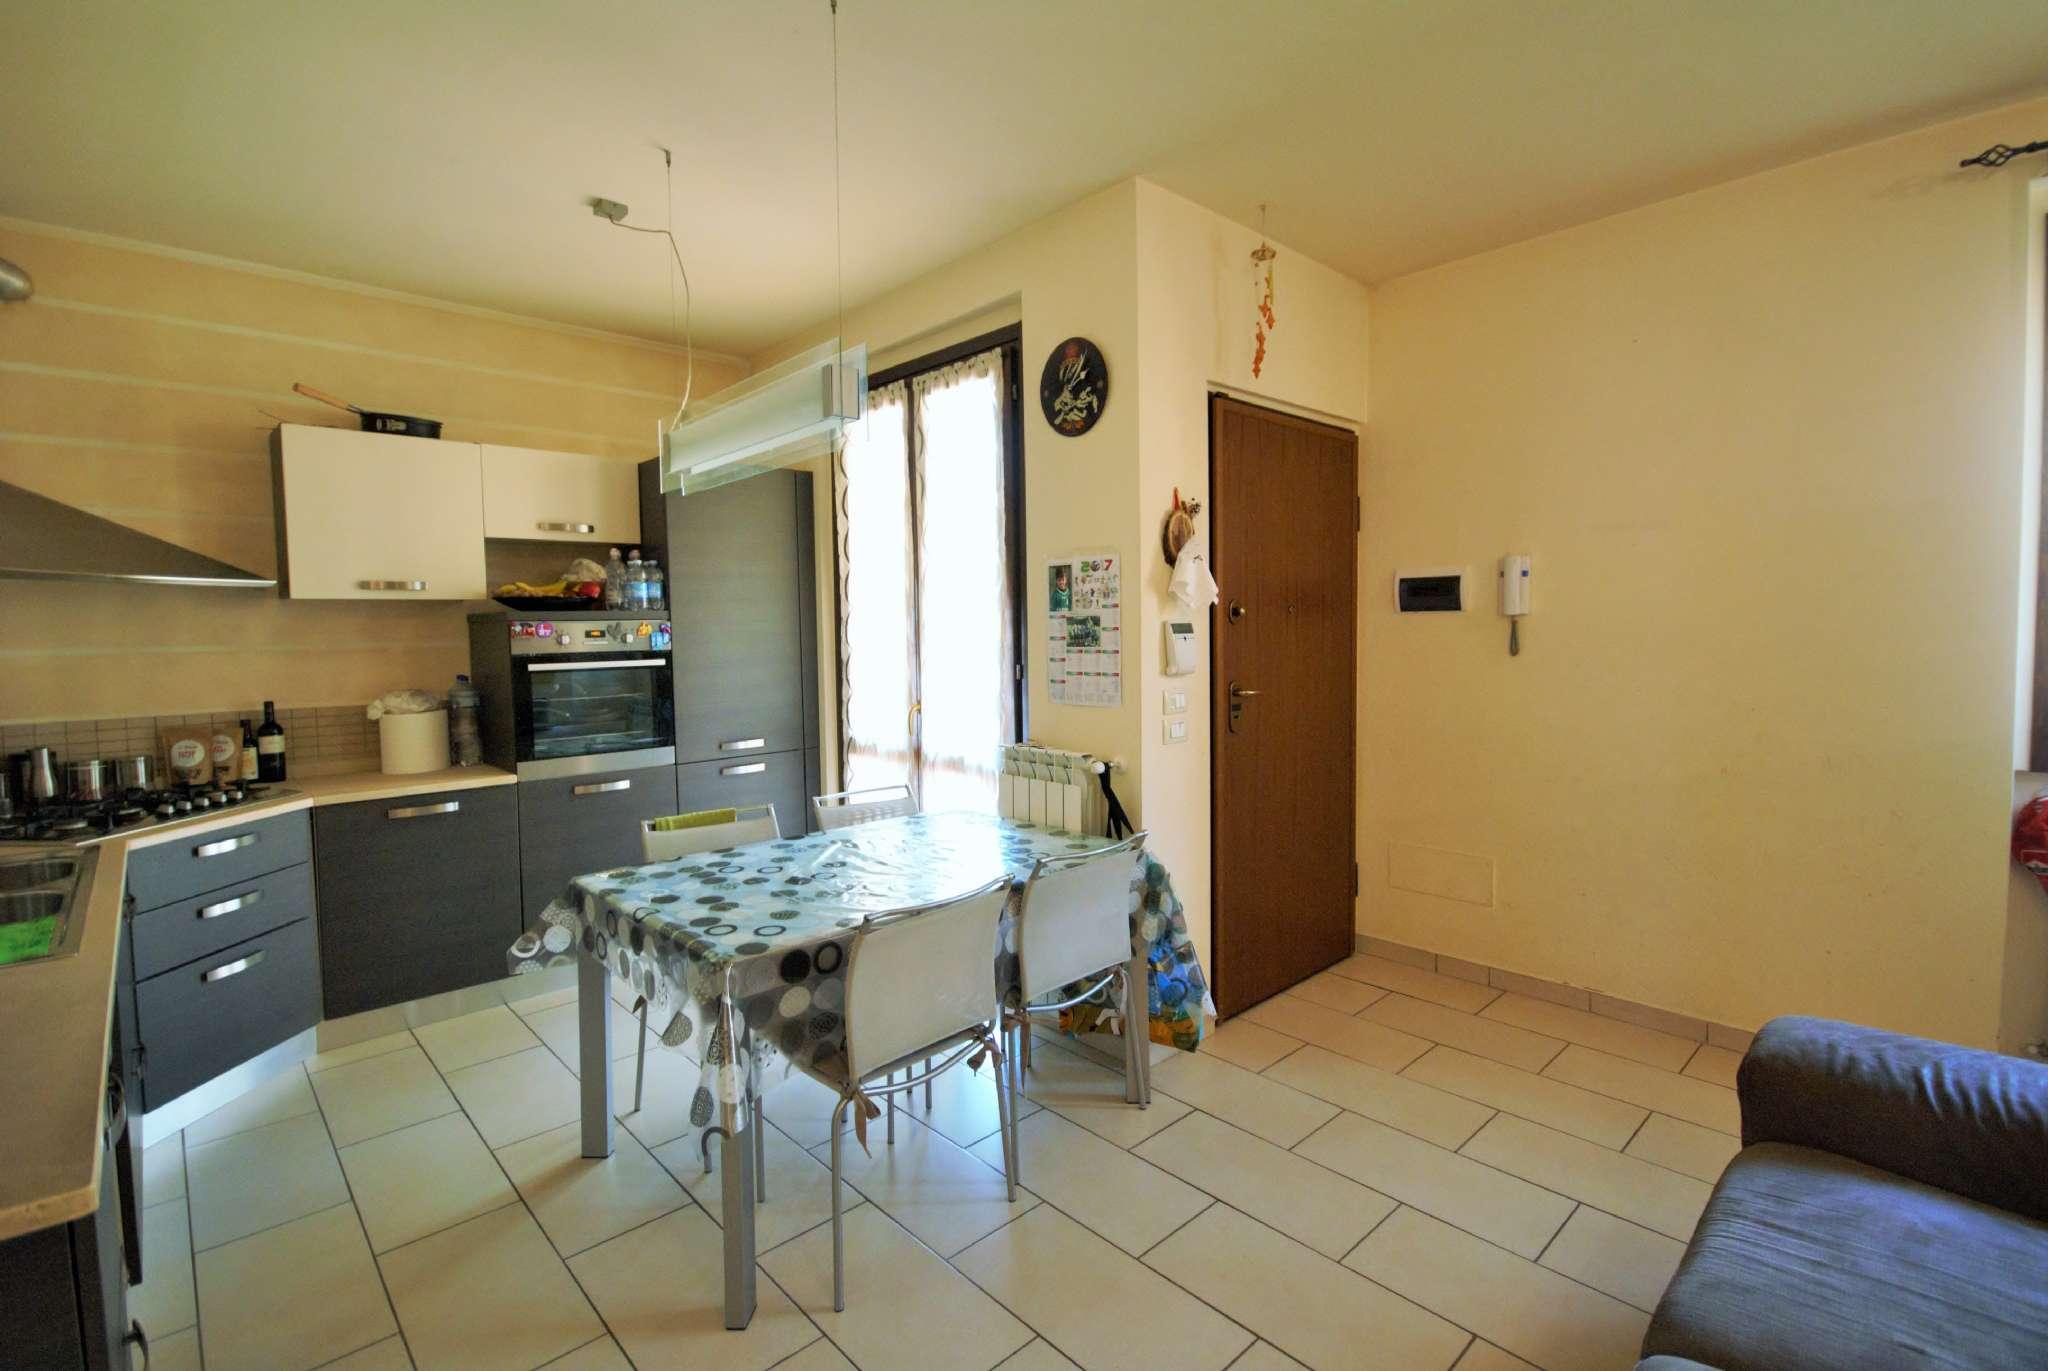 Appartamenti due camere in vendita a rignano sull 39 arno for Appartamenti con due camere matrimoniali